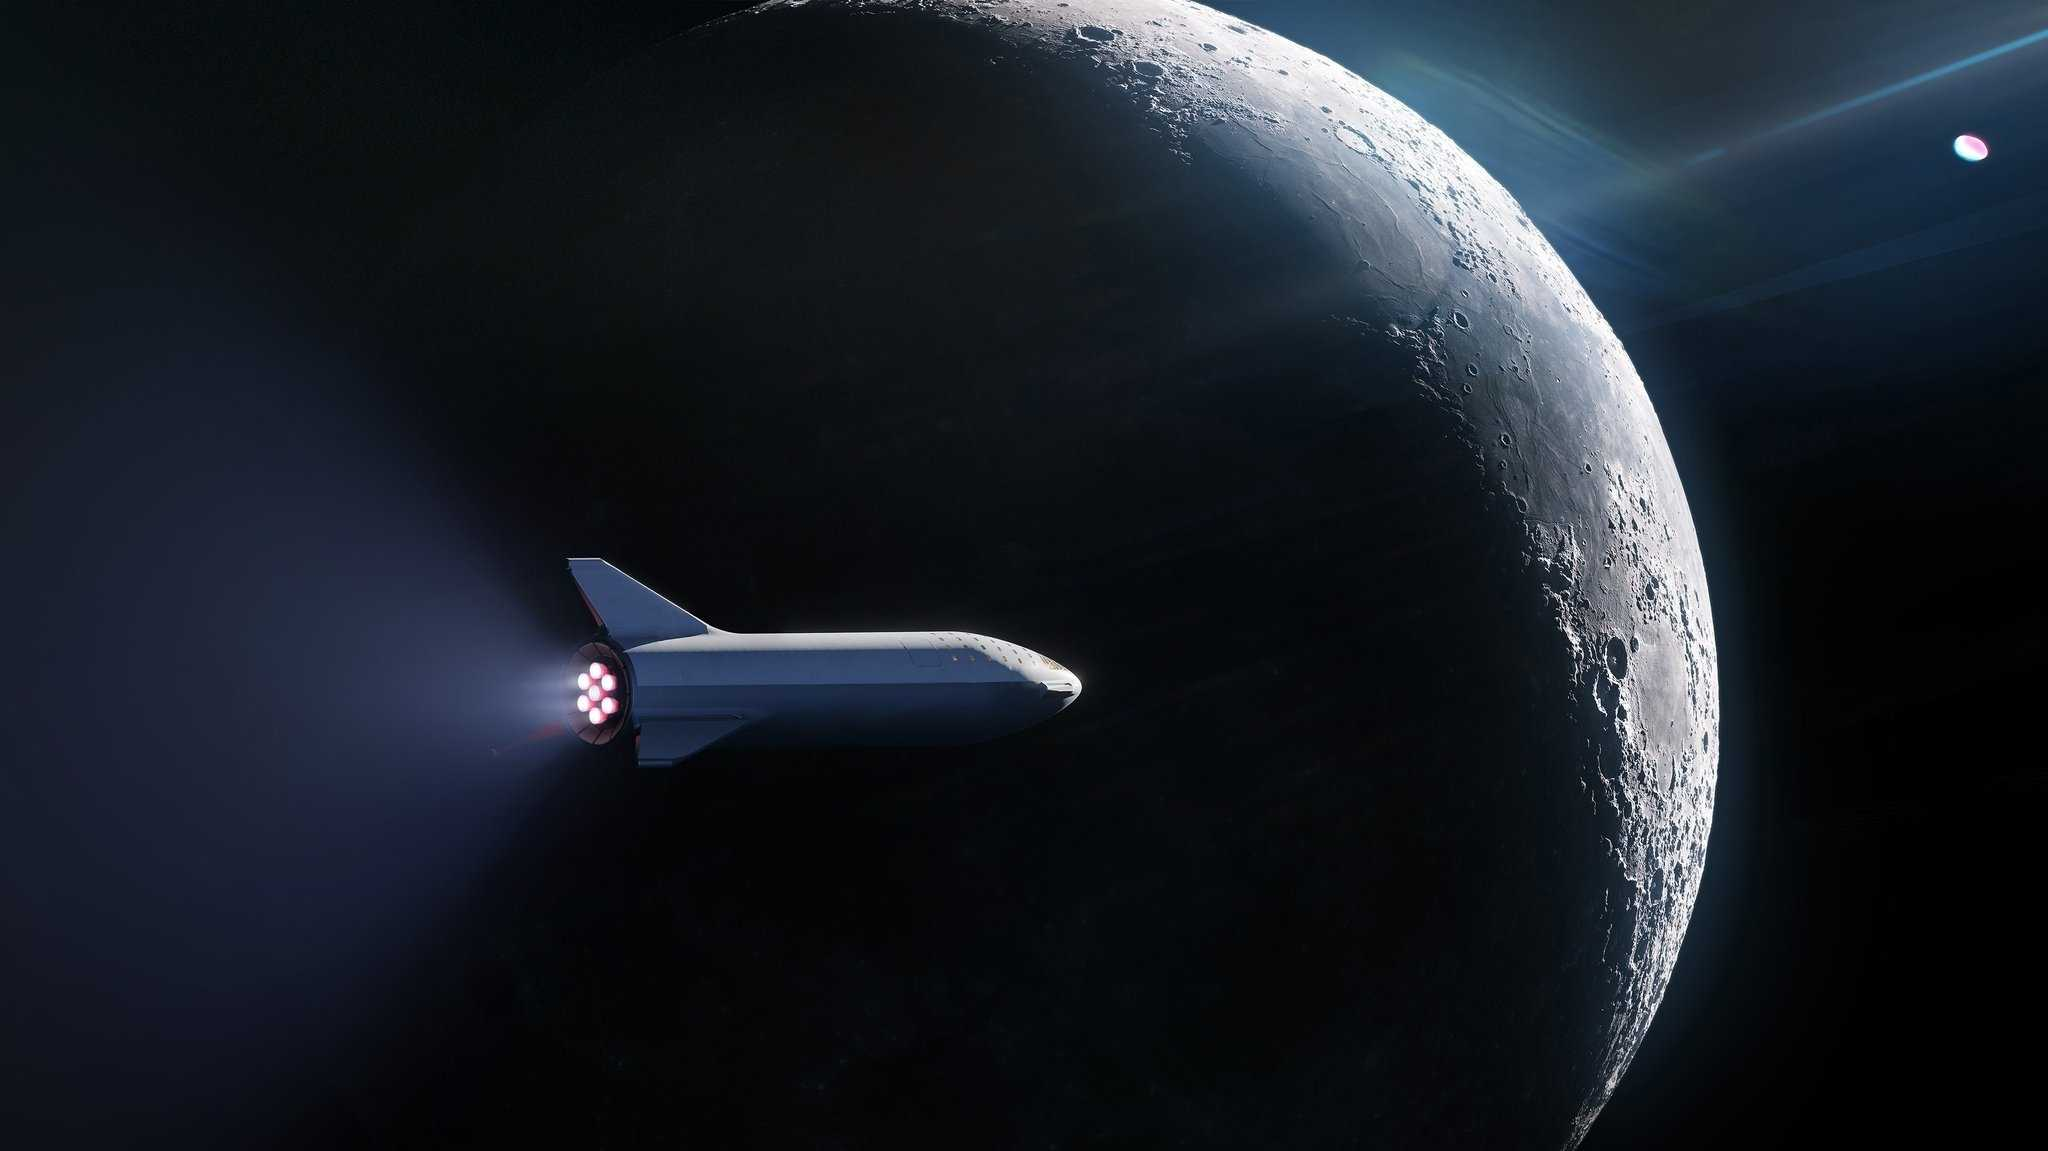 SpaceX will Weltraumtouristen für Flug um Mond vorstellen